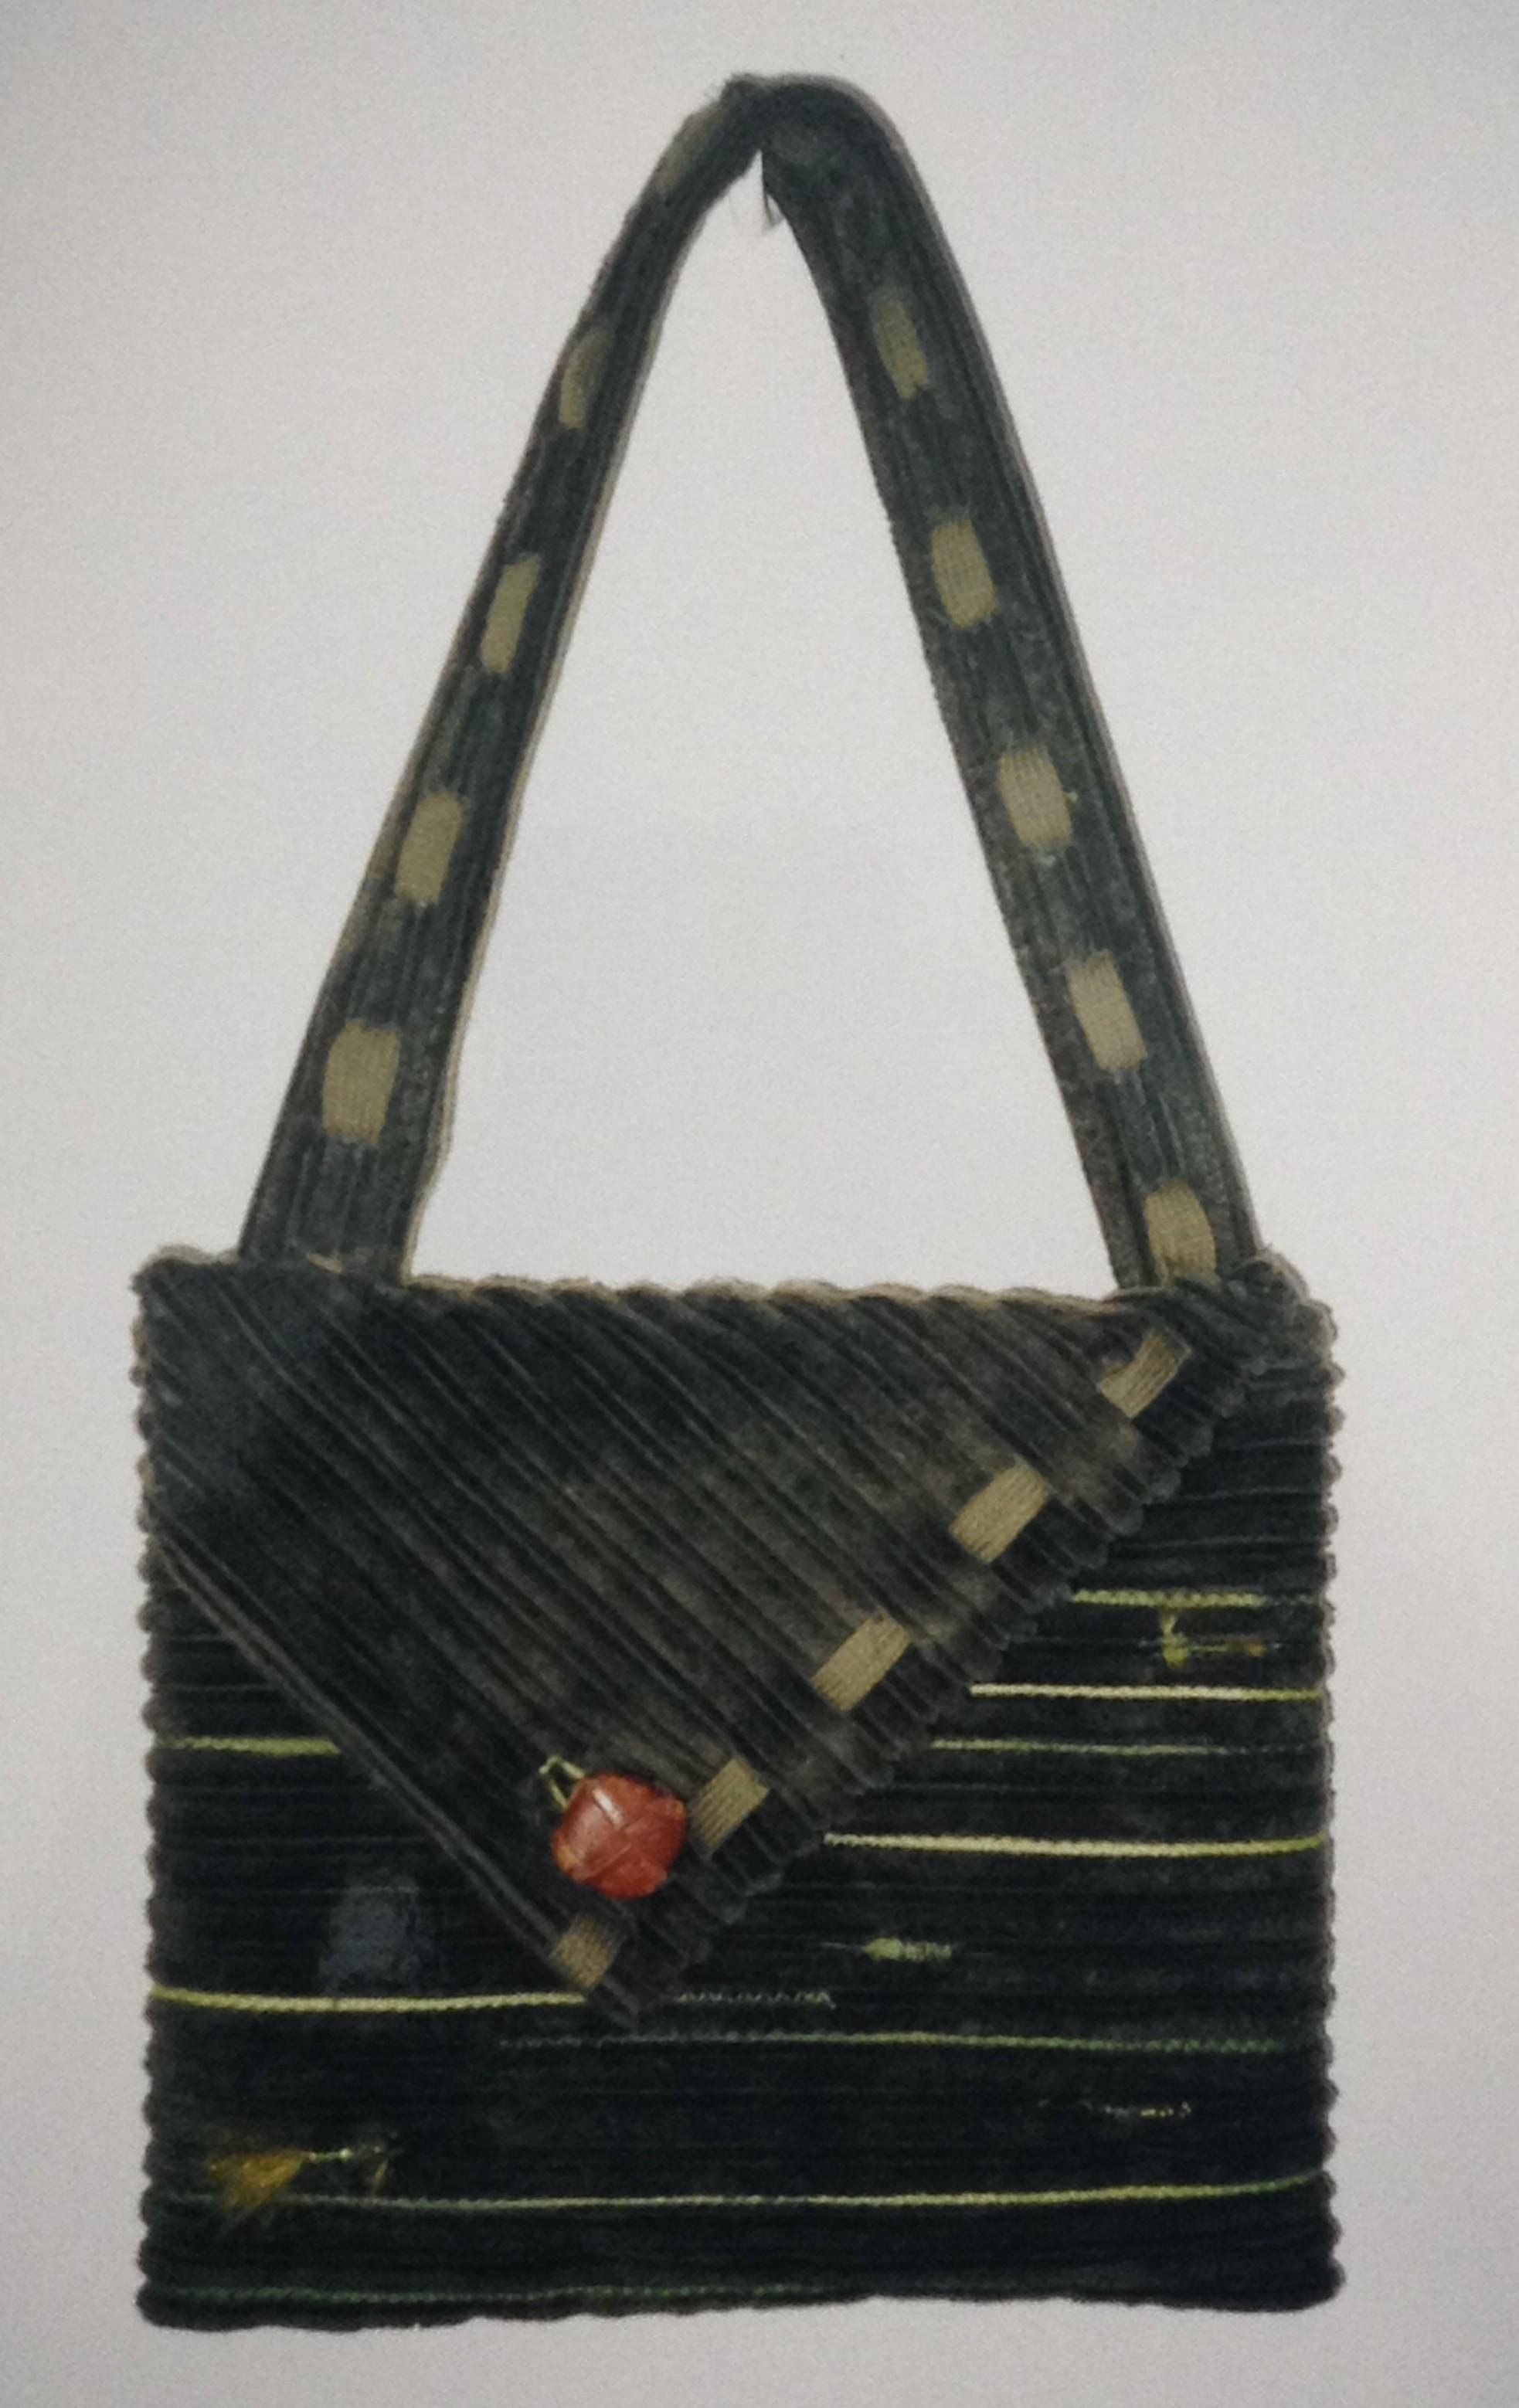 flyfishing-handbag